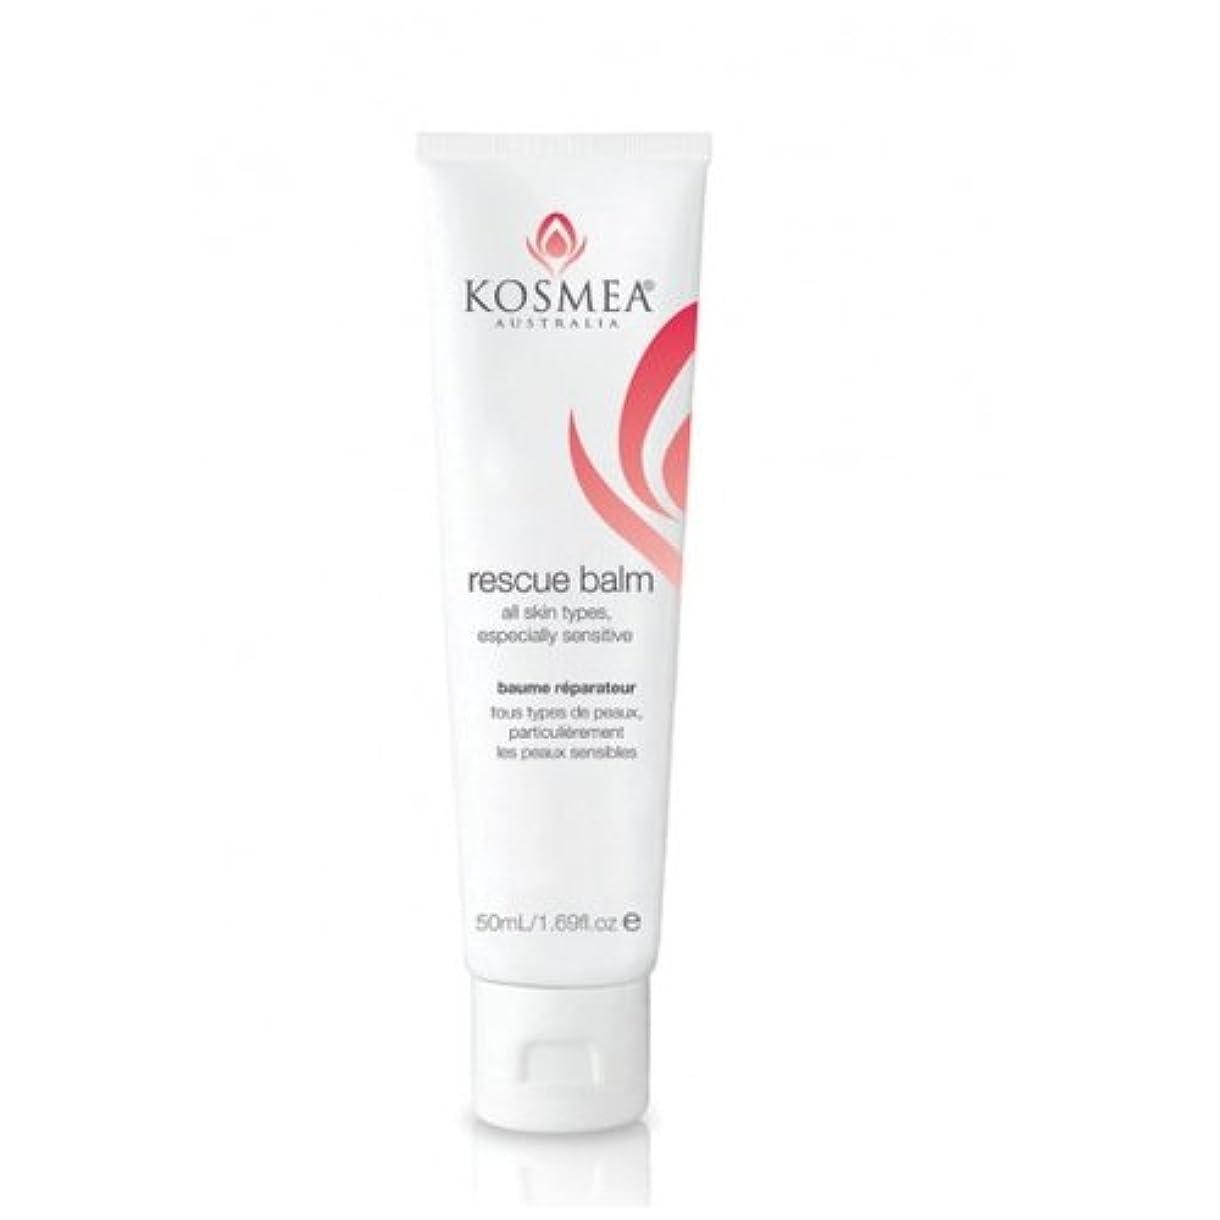 ホイットニー政権めまいが【KOSMEA】Skin Clinic TM Rescue Balm コスメア レスキューバーム 50ml 3個セット【並行輸入品】【海外直送品】